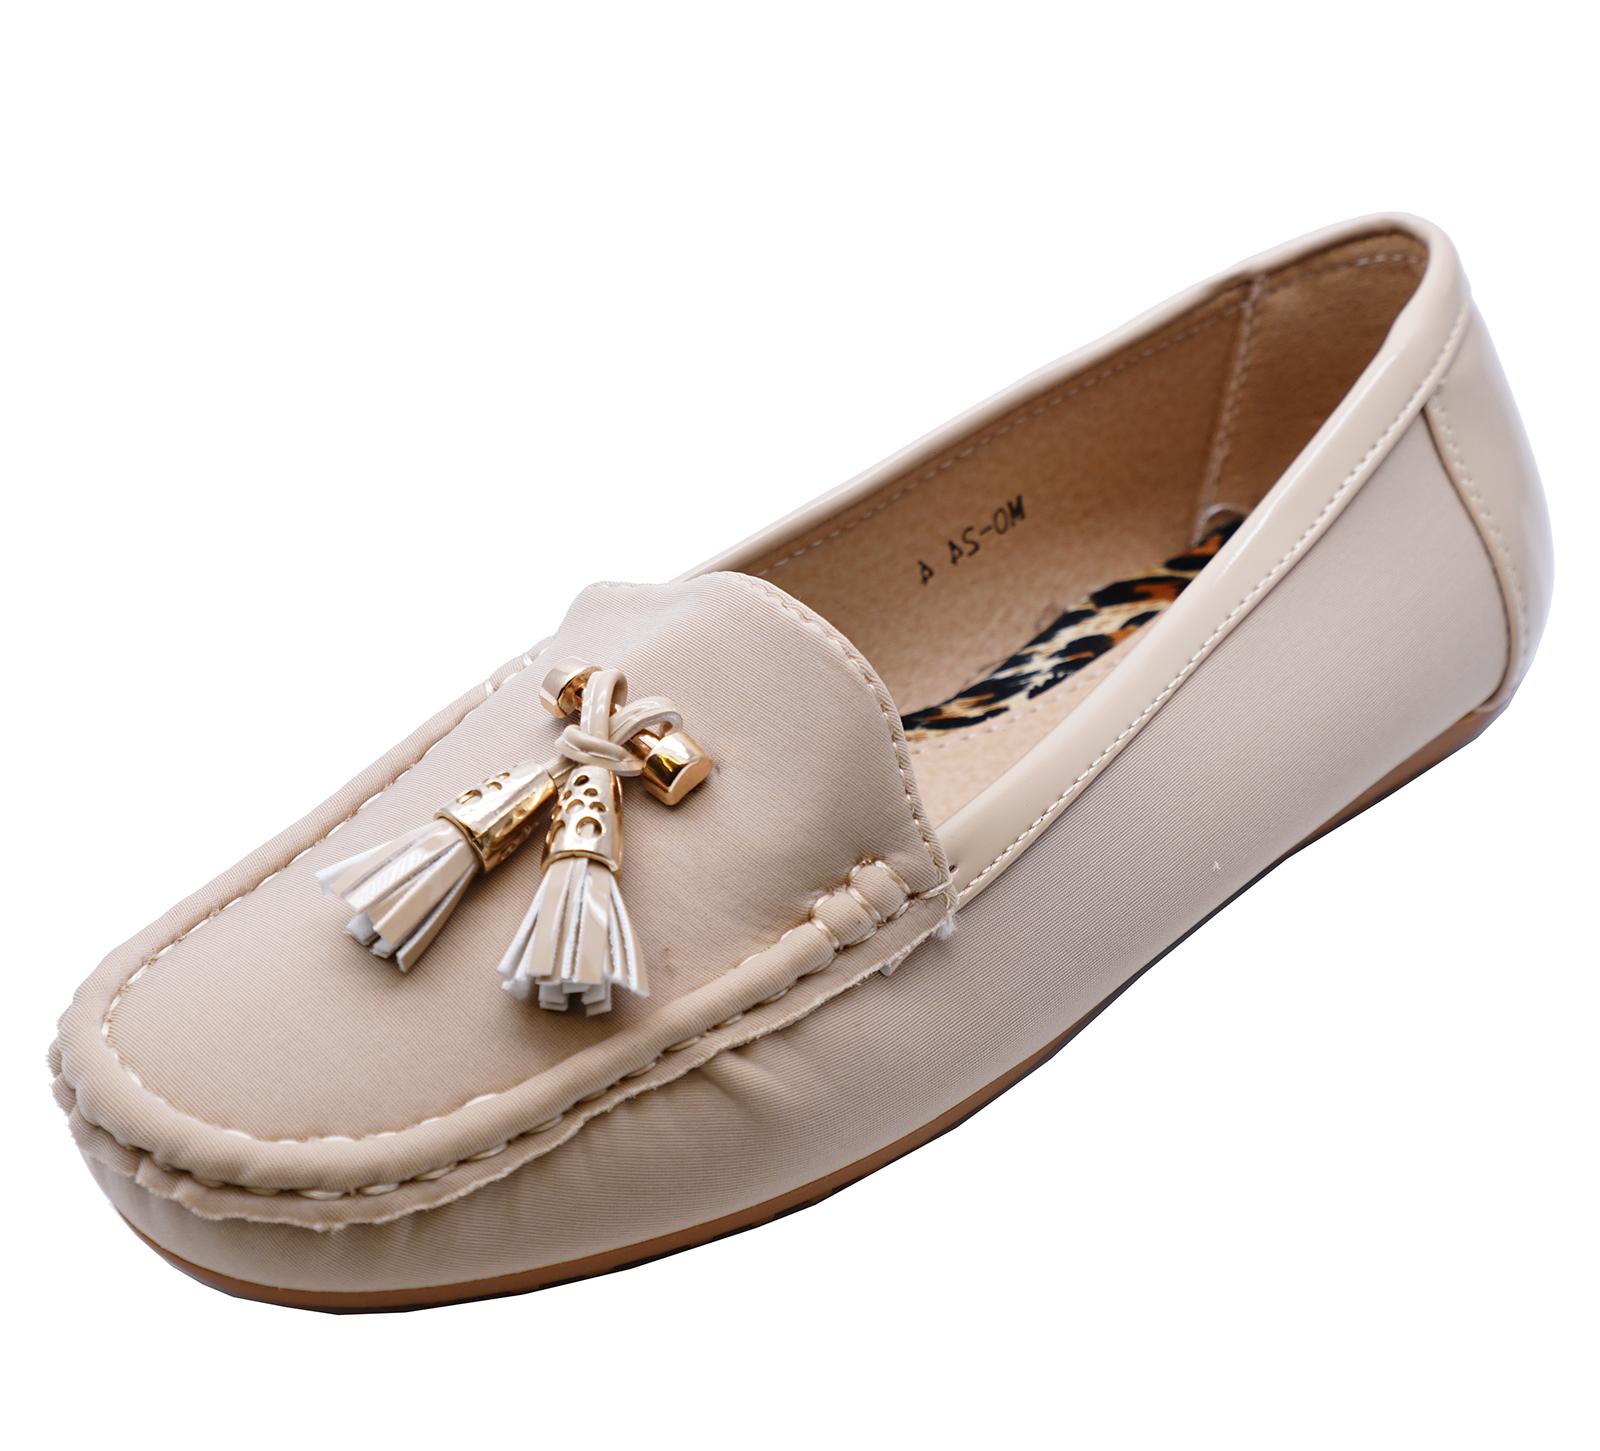 Damas-Beige-Sin-Cordones-Zapatillas-de-trabajo-MOCASIN-Informal-Comodo-Mocasines